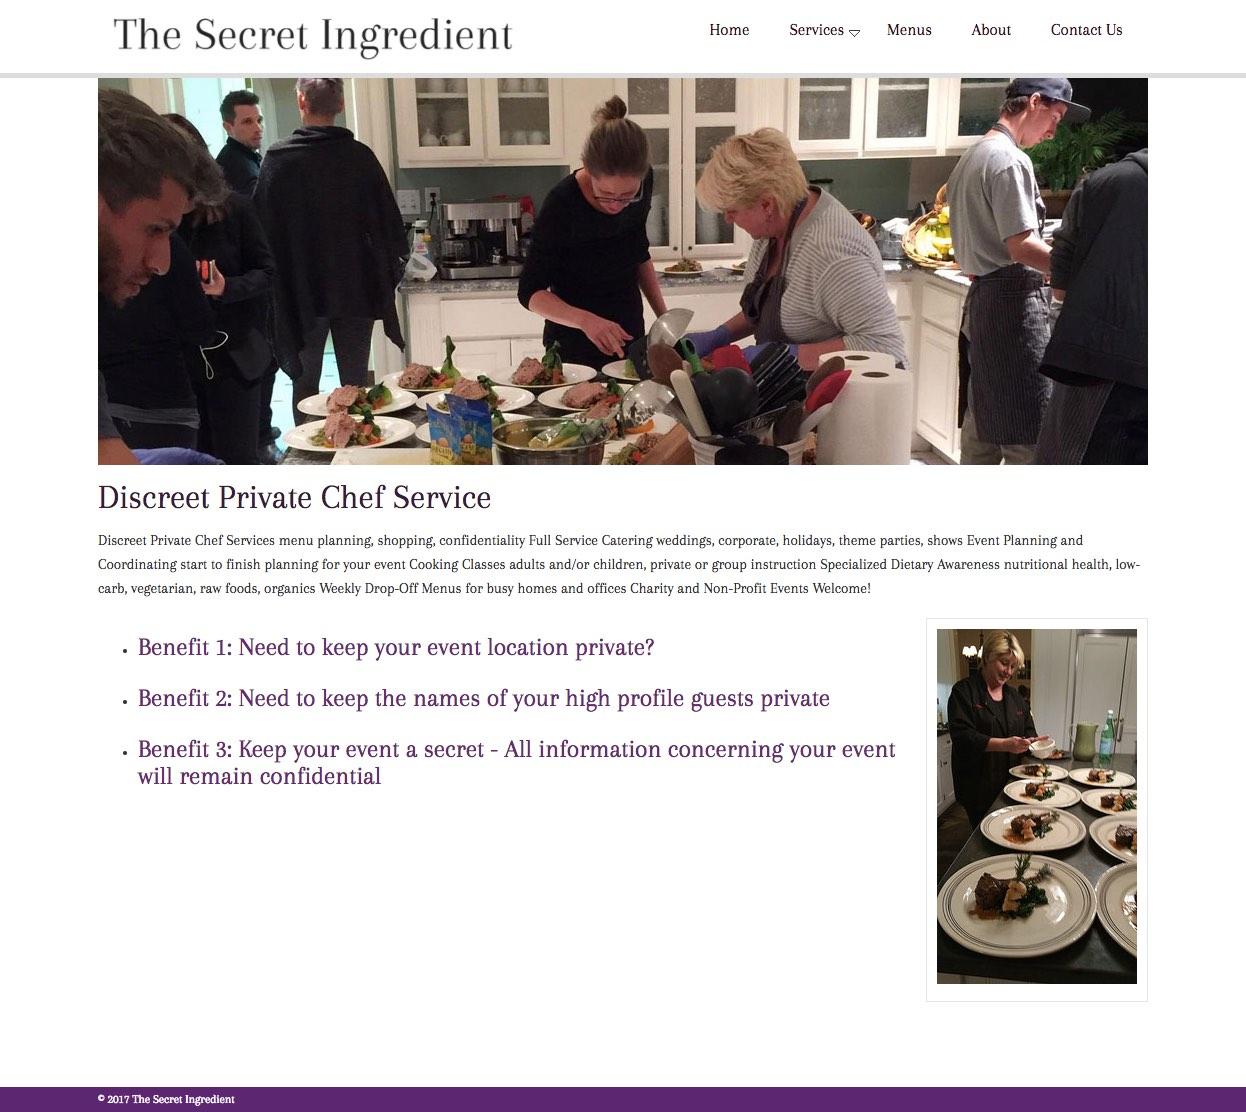 The Secret Ingredient Santa Barbara Caterers Discreet